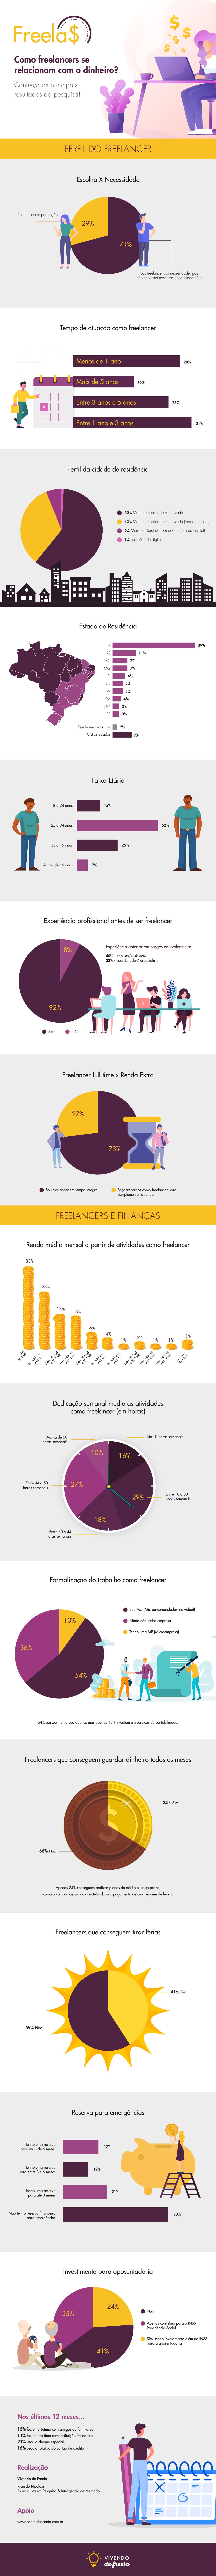 infográfico pesquisa freela$: como freelancers se relacionam com o dinheiro